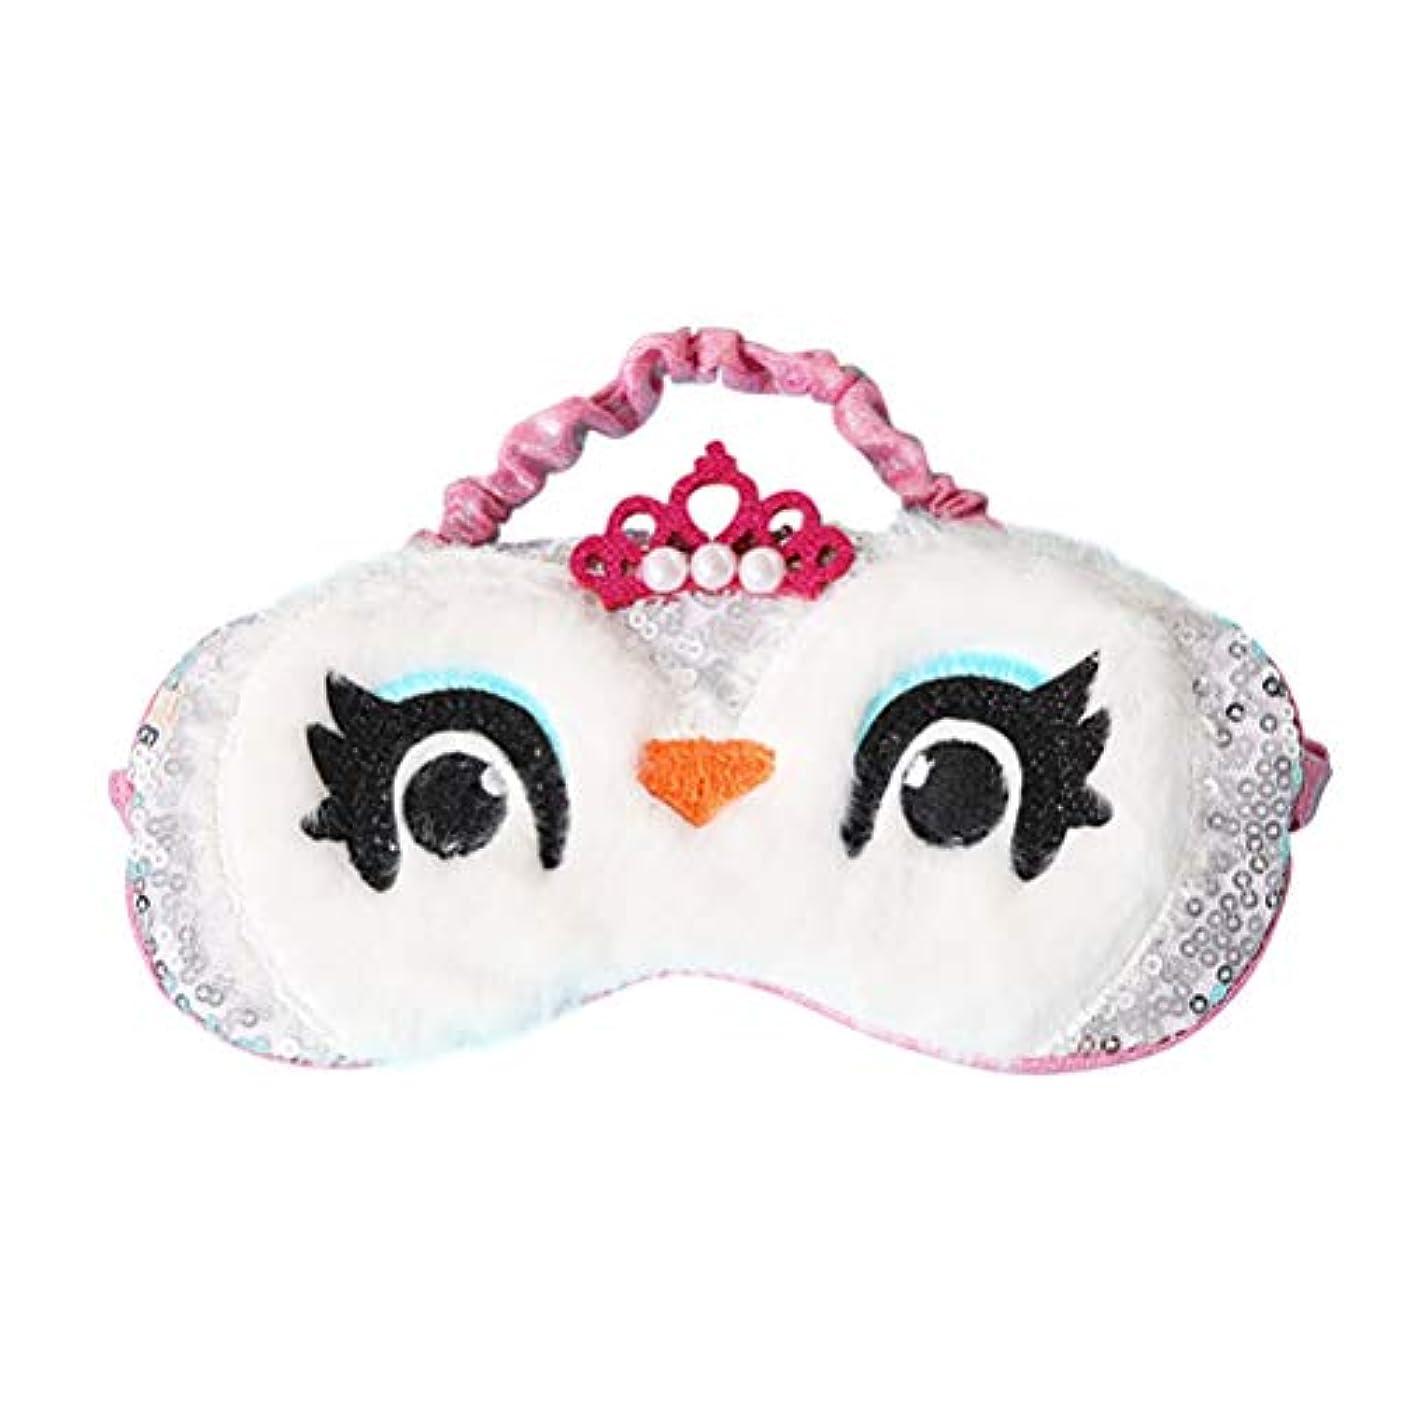 Healifty アイマスクかわいいぬいぐるみ目隠しアイカバー用女性女の子子供ホームベッド旅行フライトカーキャンプ用(ホワイト)